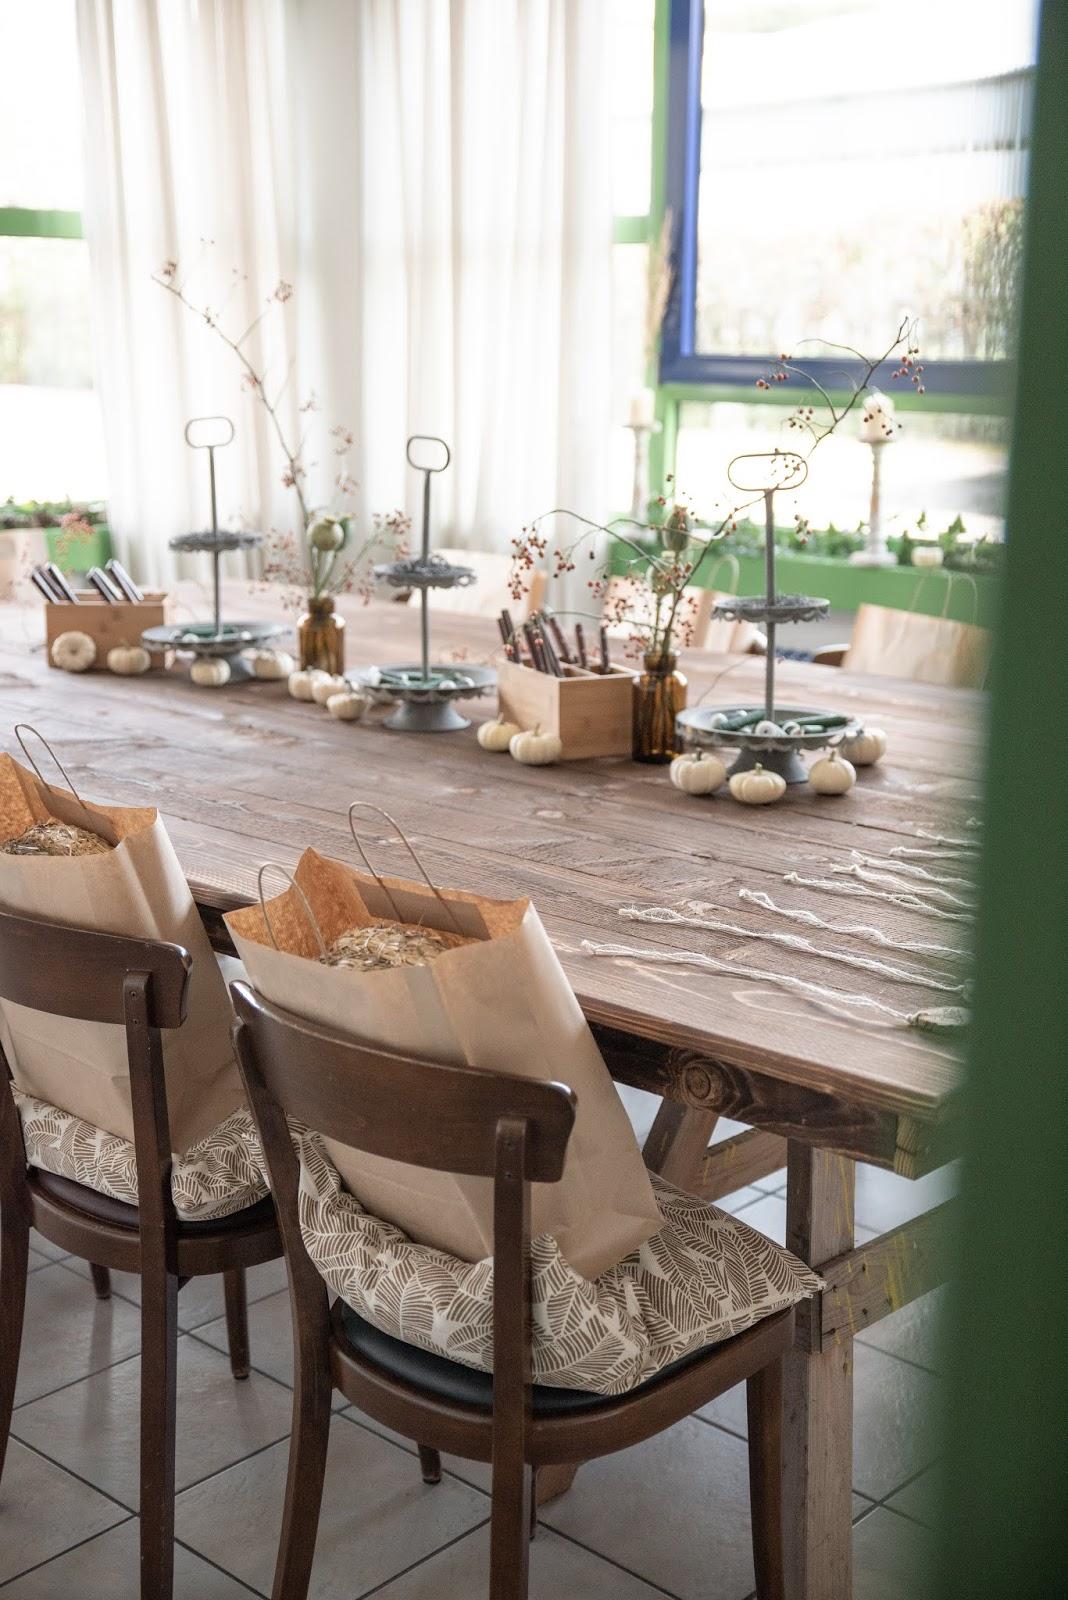 Einrichtung Interior Workshop-Räume: großer Arbeitstisch aus Holz. DIY selber machen. Kreativ werkeln Deko Dekoidee